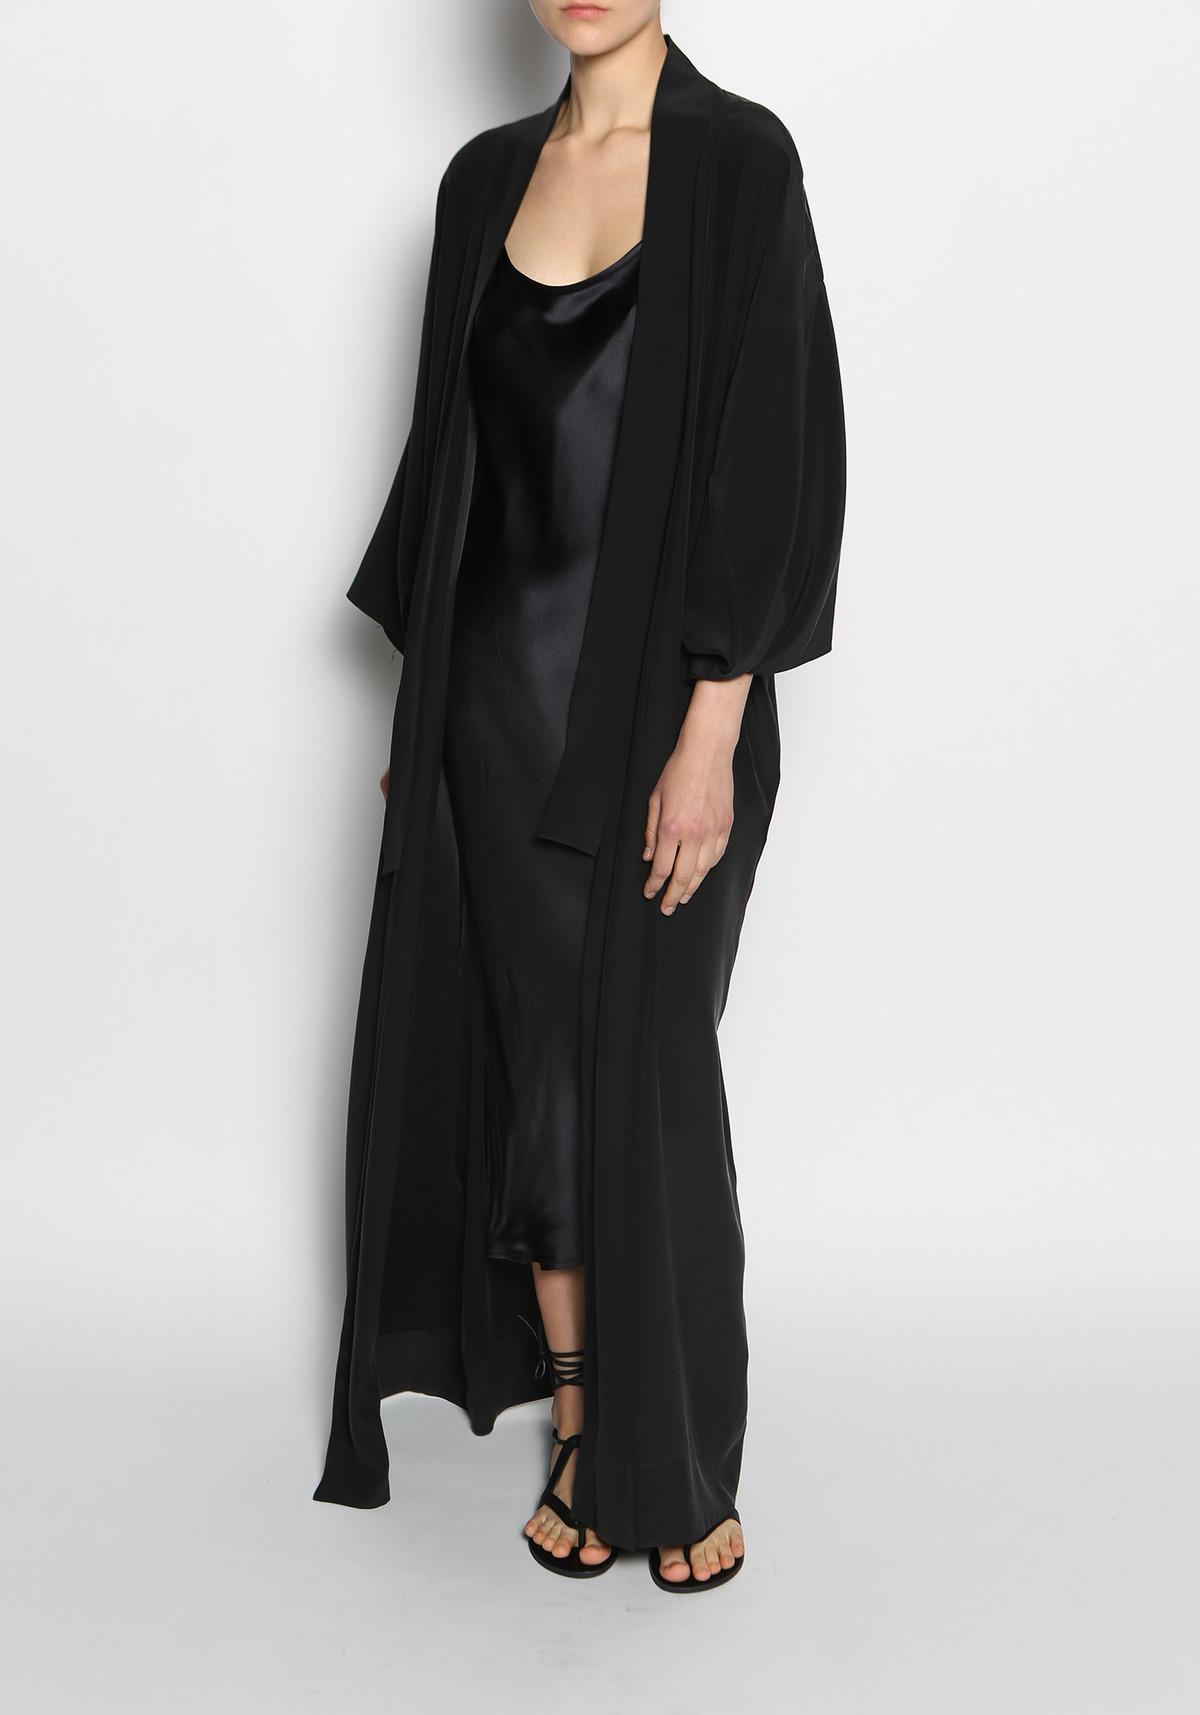 KES Full Length Kimono Robe  009a4deae